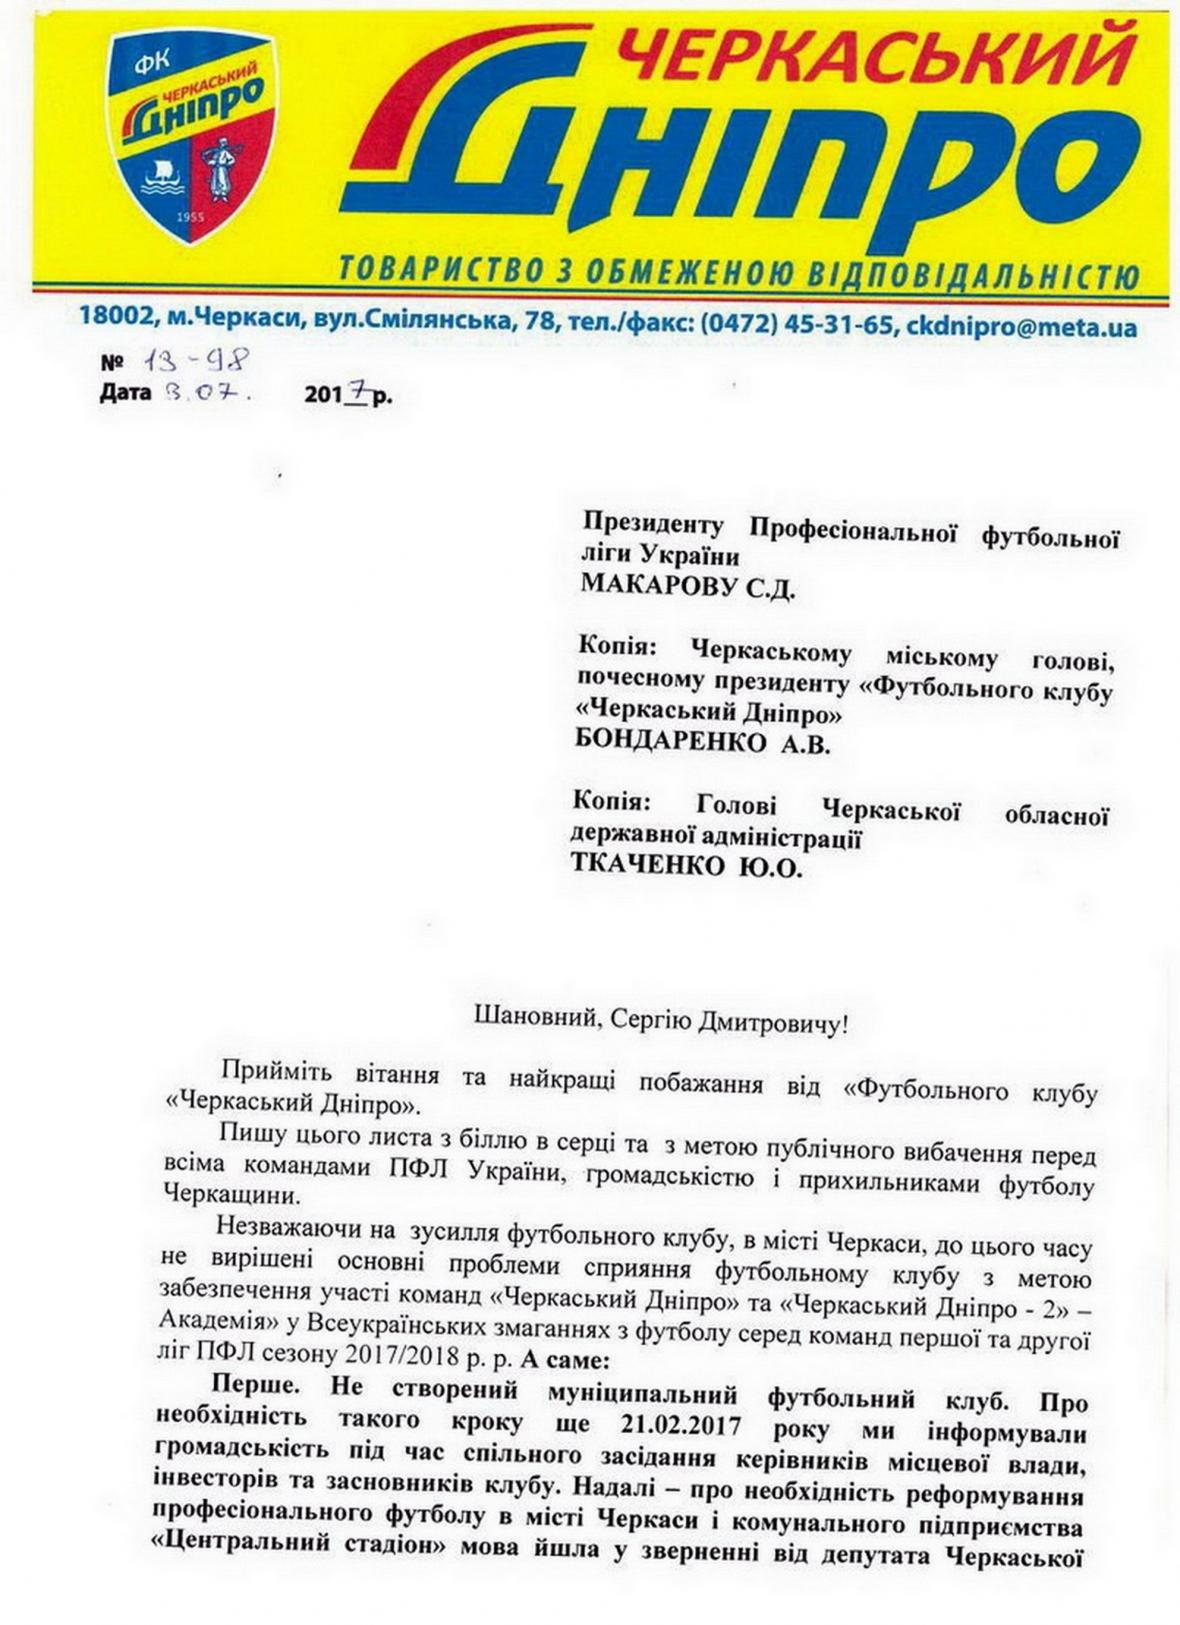 Гендиректор «Черкаського Дніпра» розказав у листі про футбол, фото-1